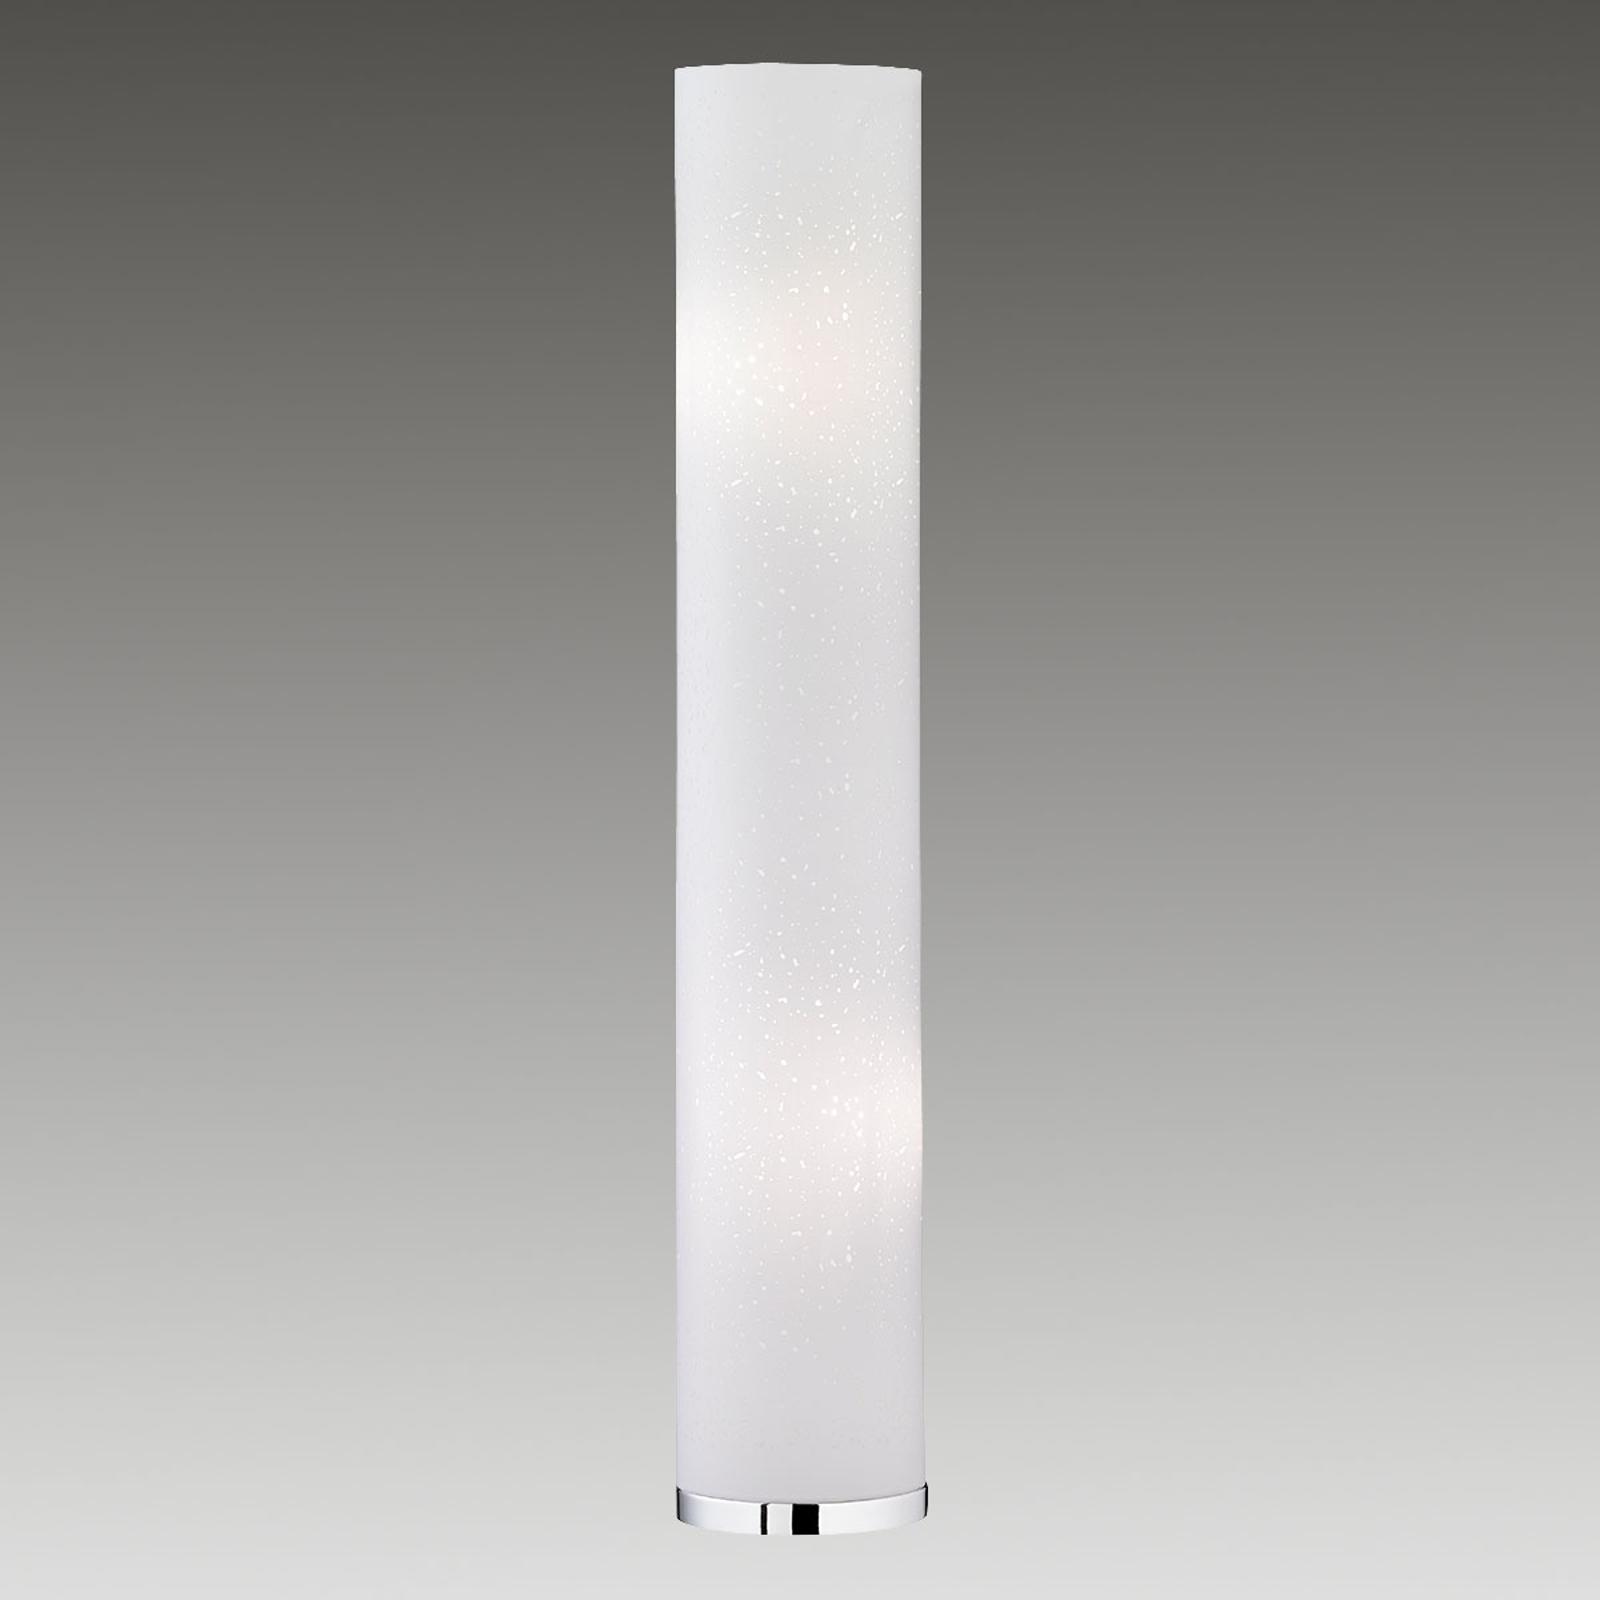 Produktové foto FISCHER & HONSEL Stojací lampa Thor, 110cm, vbílé barvě